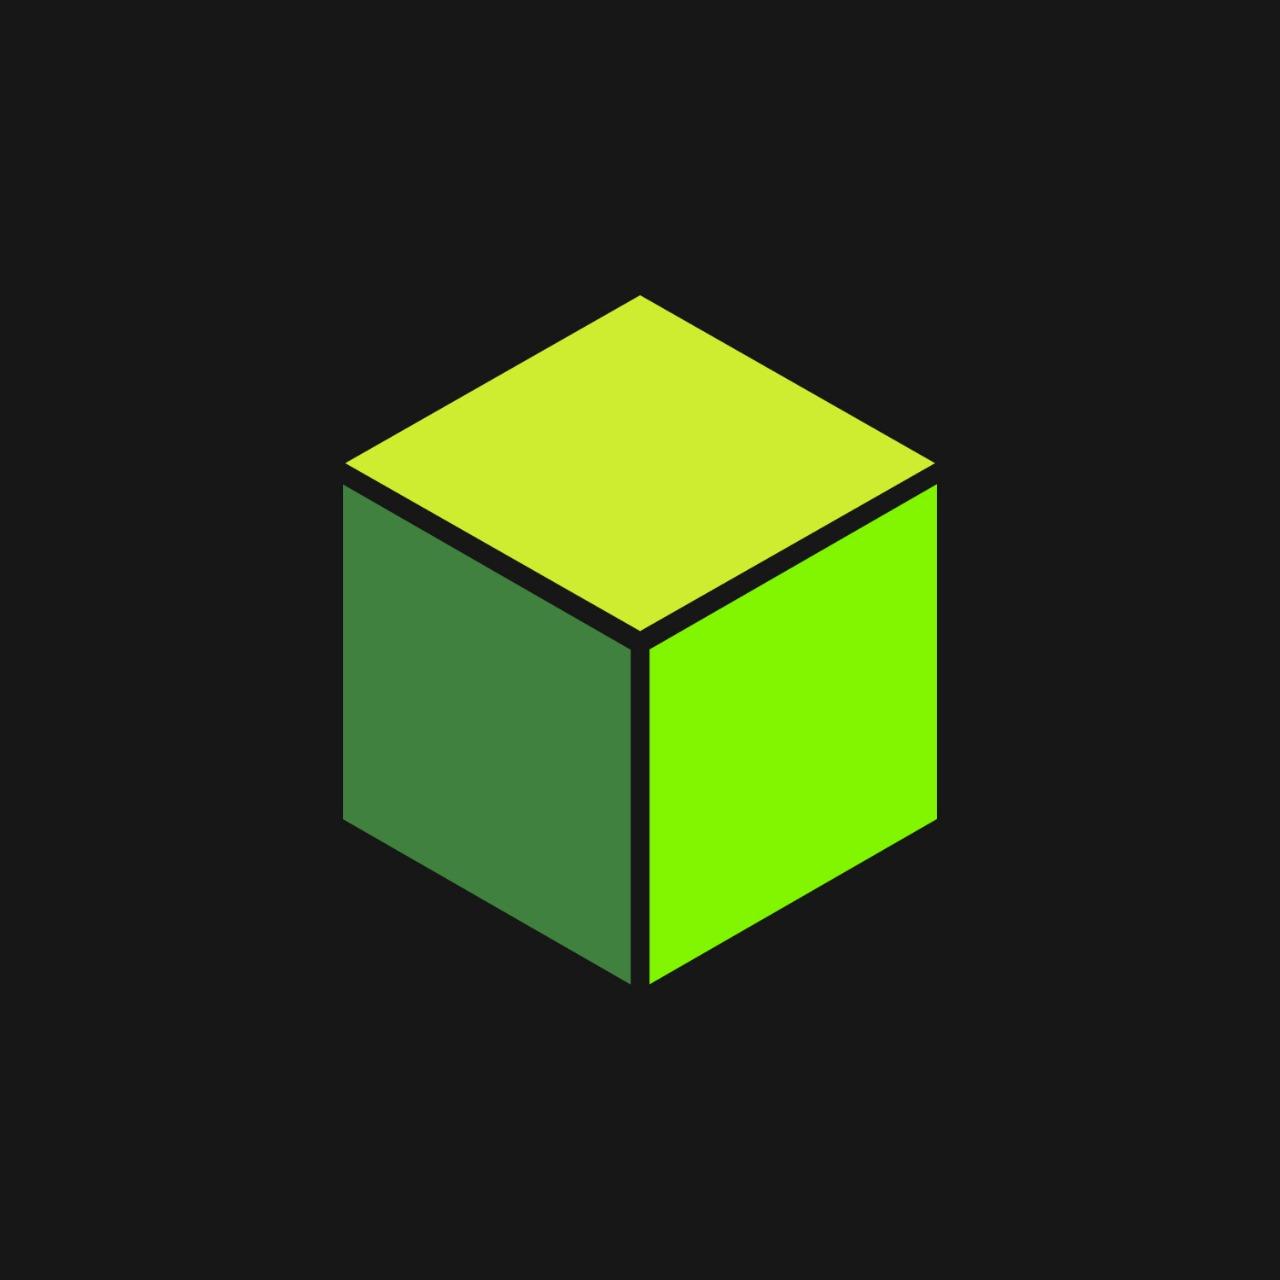 Зелёный куб логотип на черном фоне